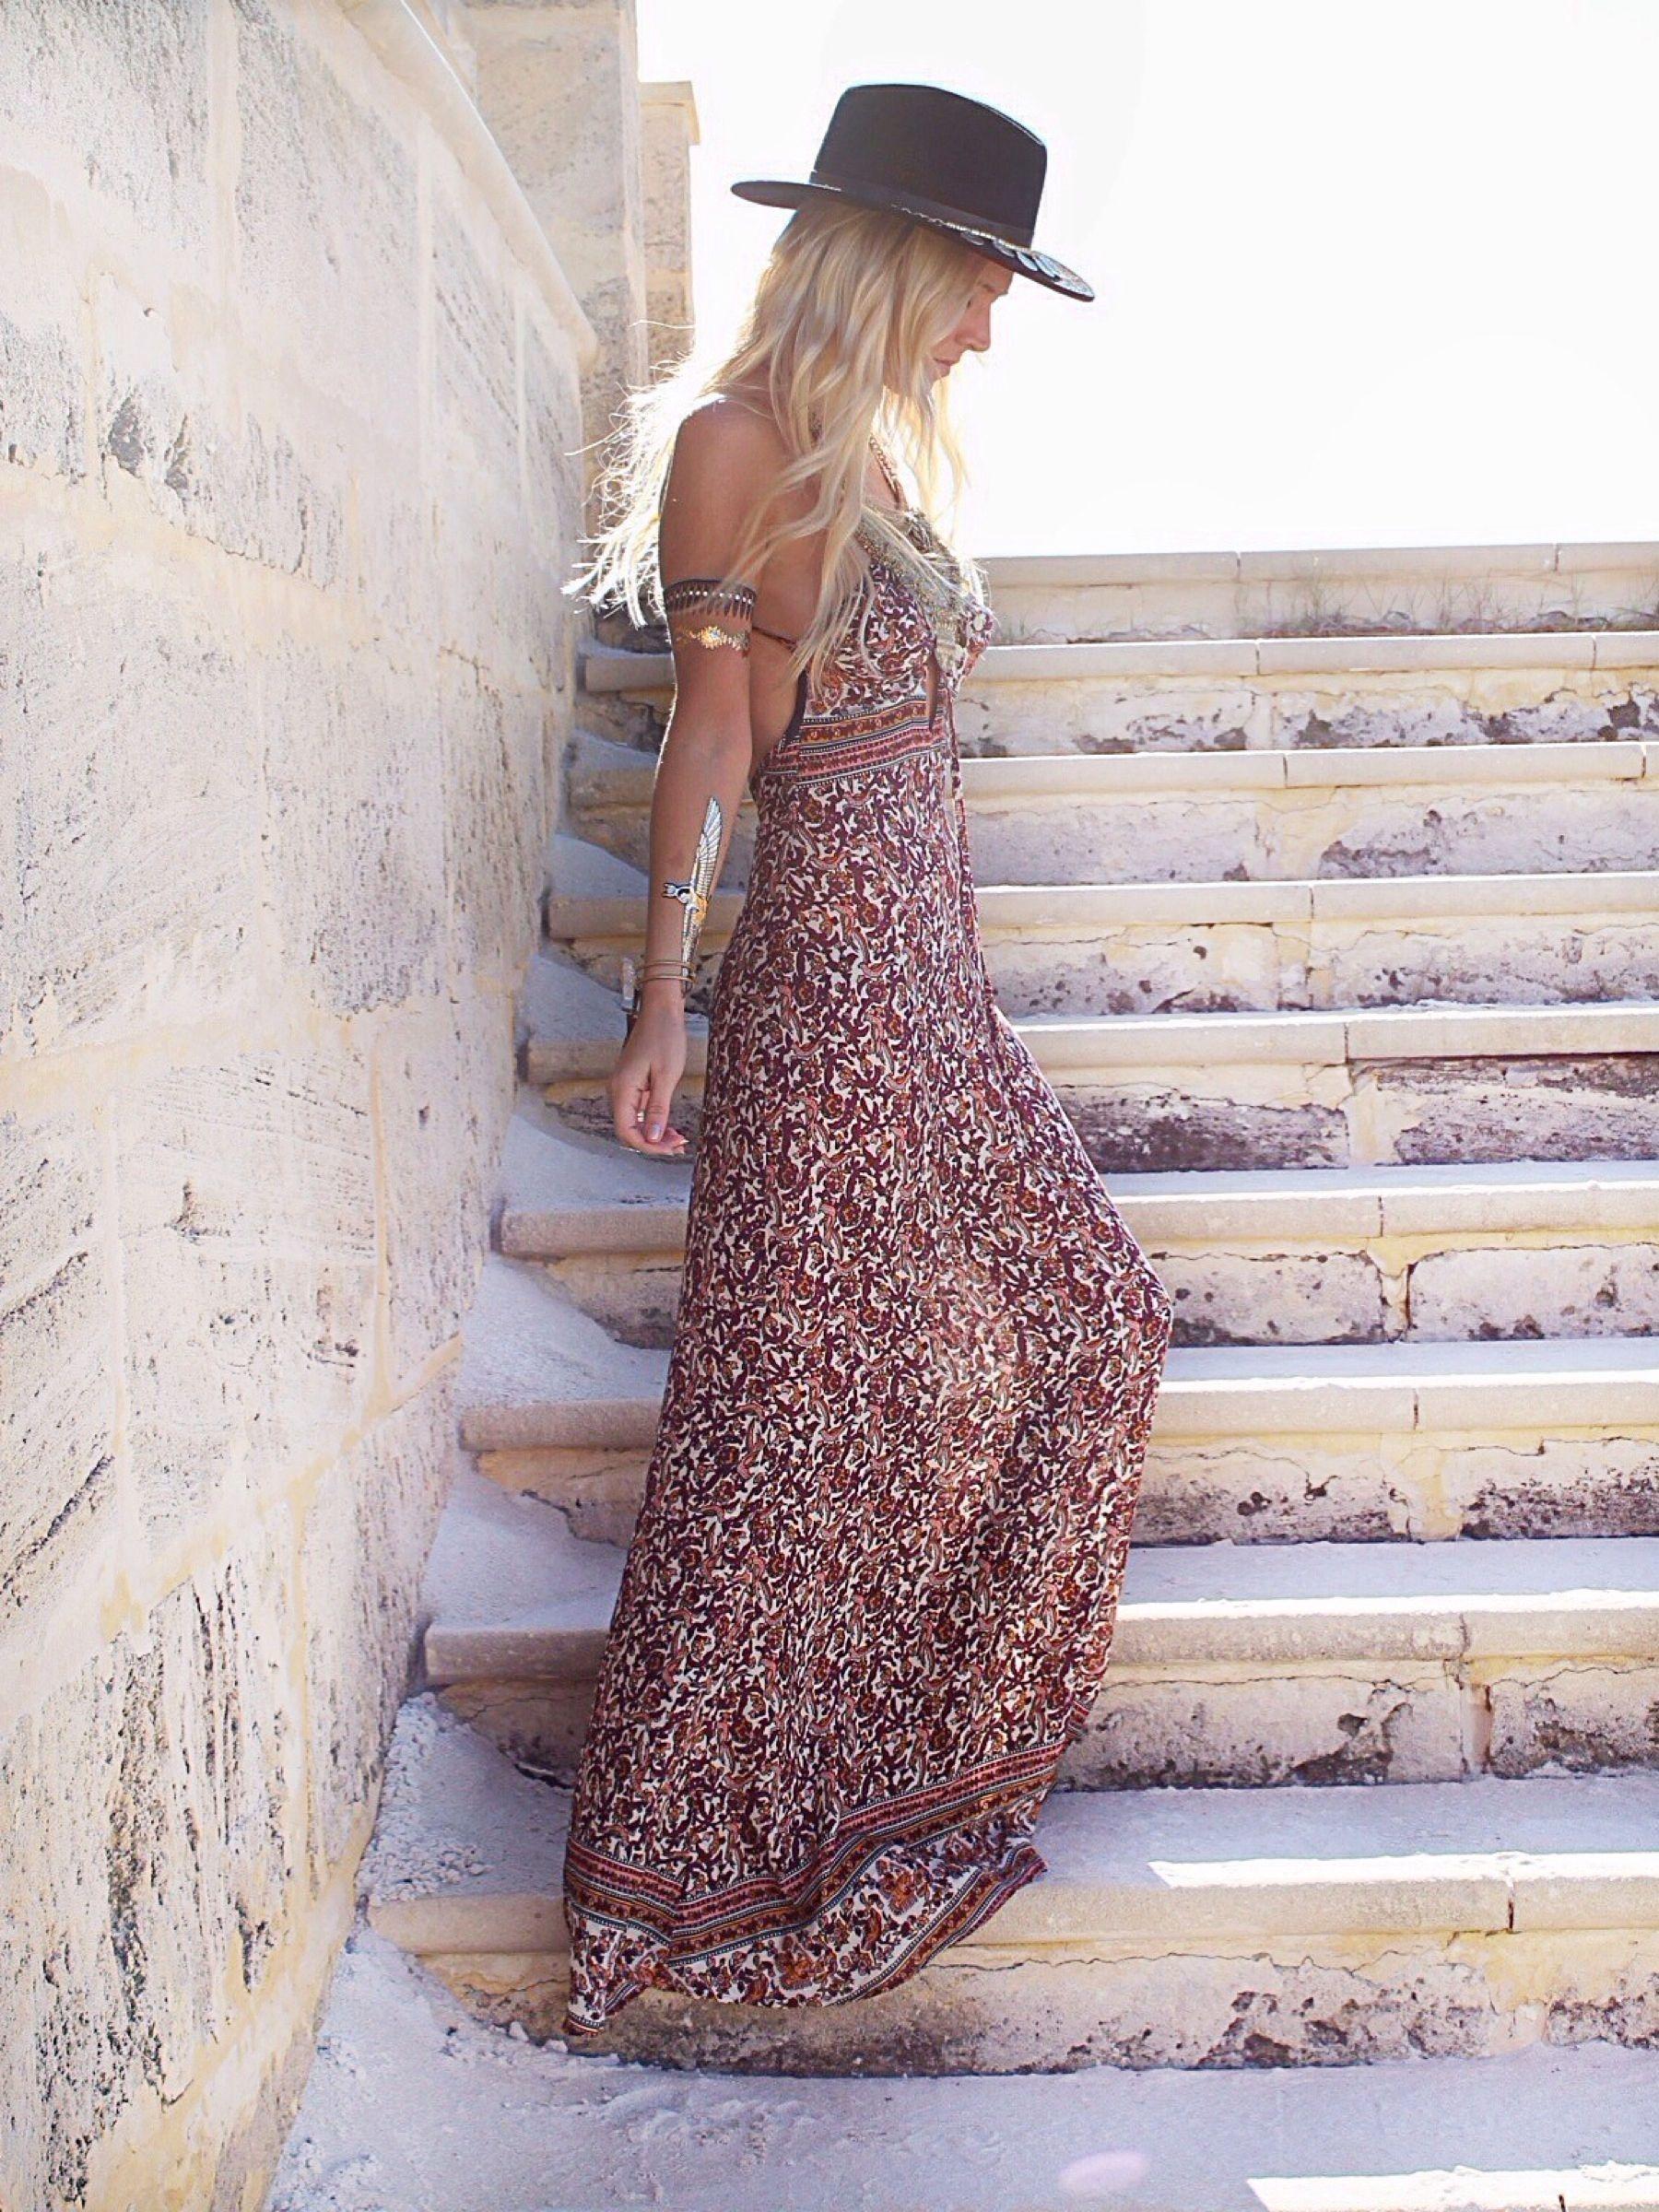 bohemian boho style hippy hippie chic bohème vibe gypsy fashion indie folk dress.